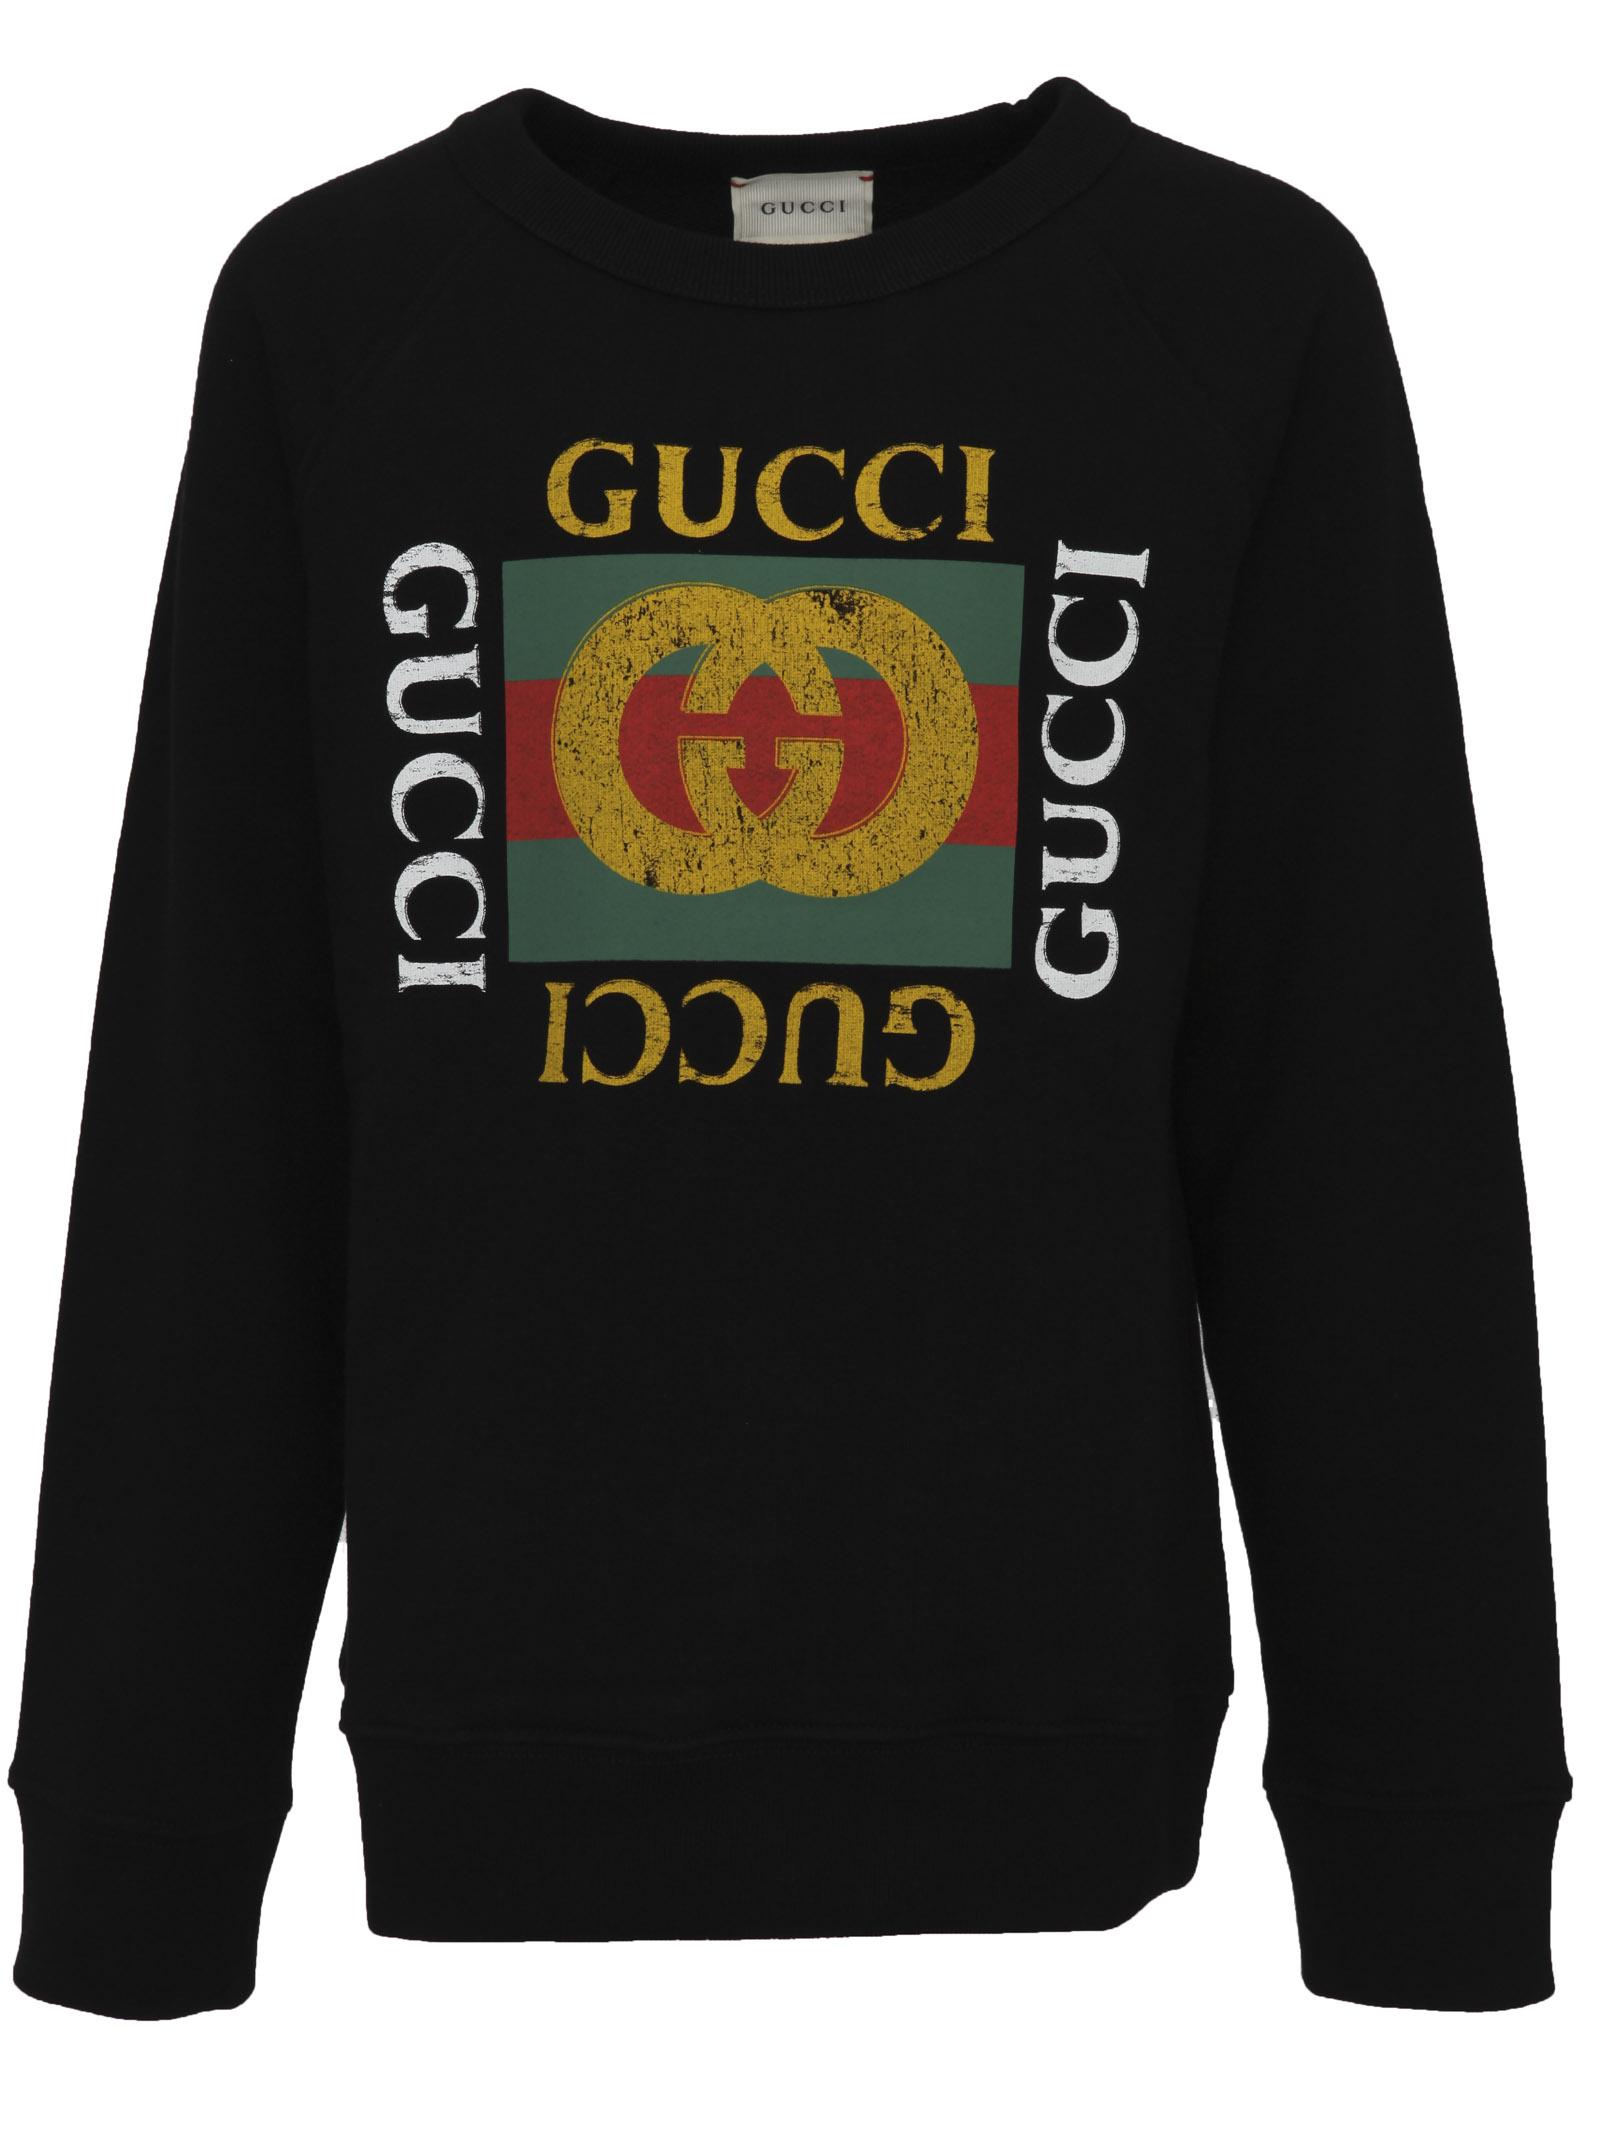 233fba7cb6 Gucci Junior. Felpa nera per bambini in jersey di cotone felpato con logo  Gucci Vintage